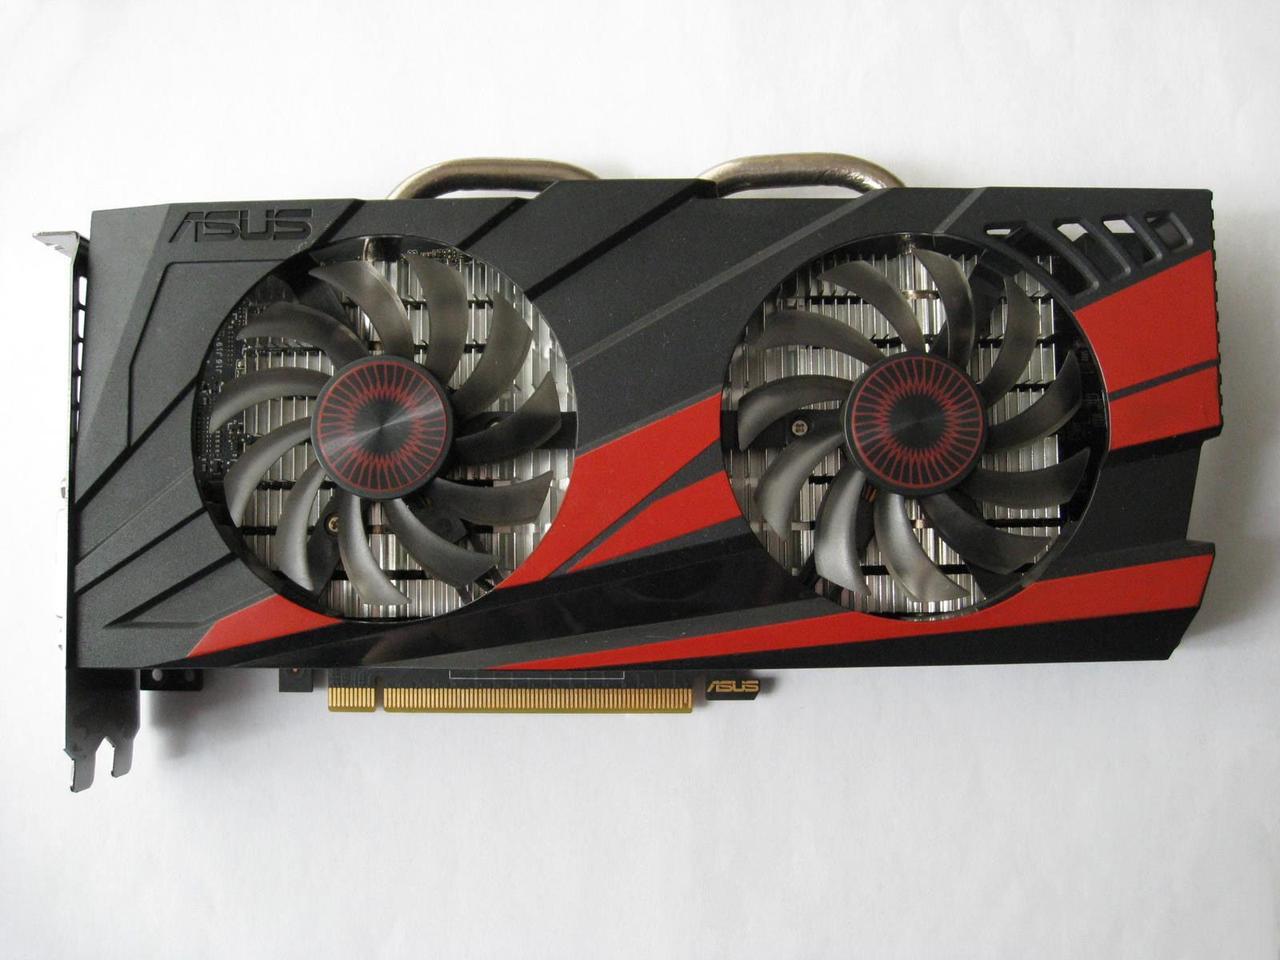 Дискретная видеокарта GeForce ASUS GTX 960, 2GB GDDR5, 128-bit